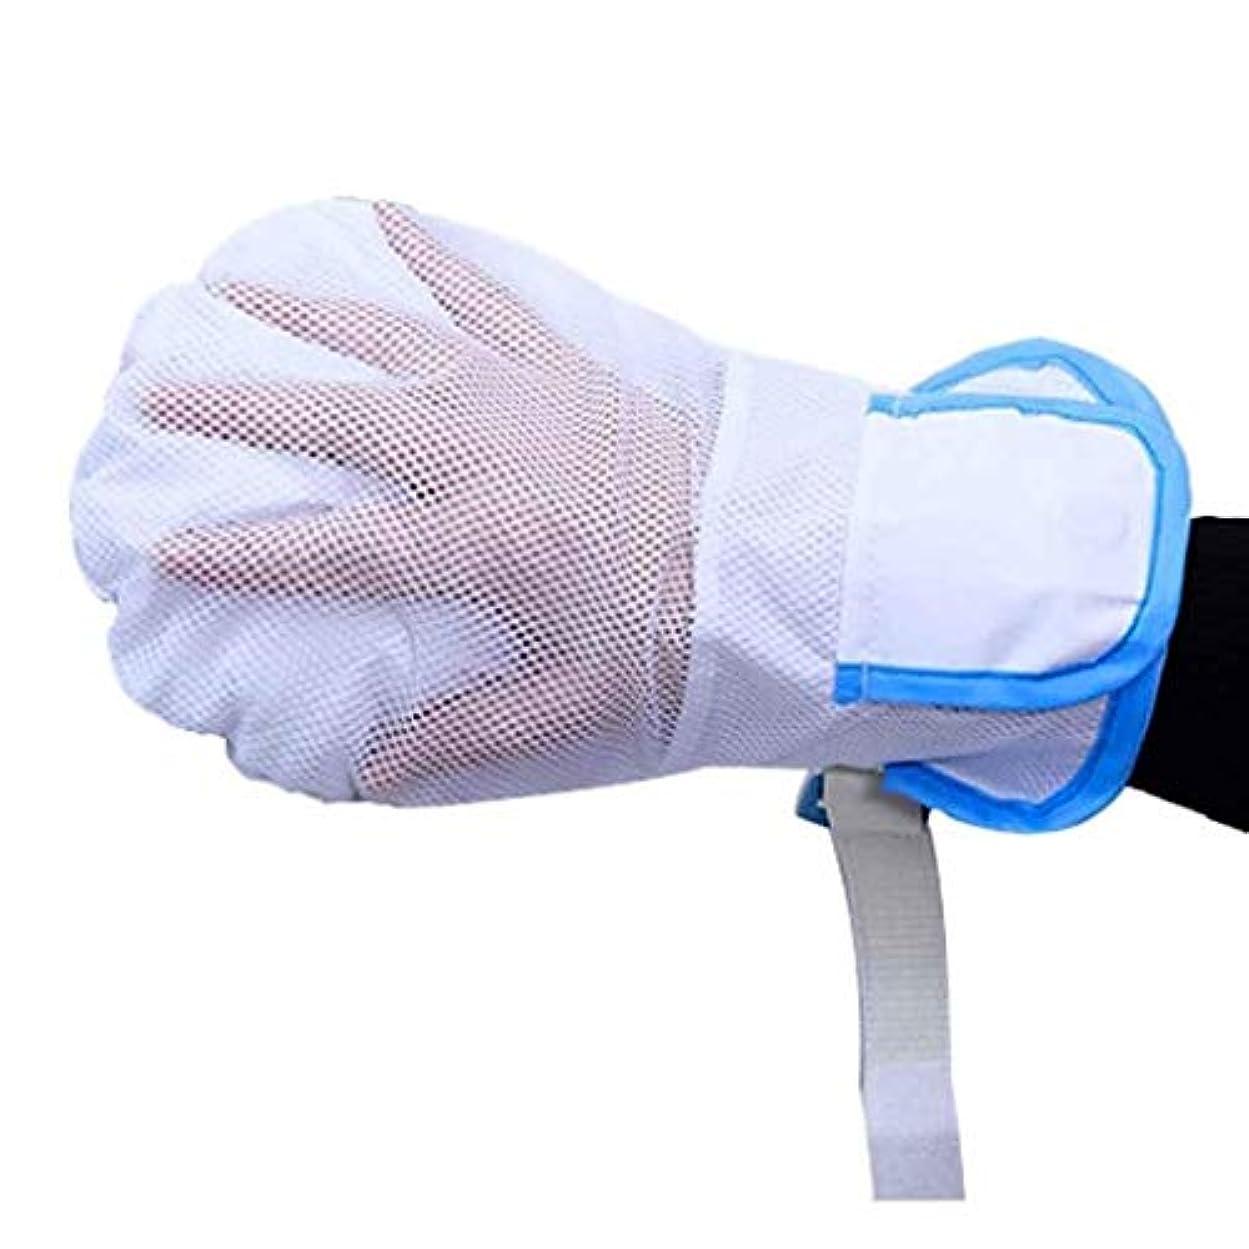 種サバントシニス安全拘束手袋、ハンドプロテクター個人用安全装置指用コントロールミット、あらゆる手のサイズに適した (Size : Single)